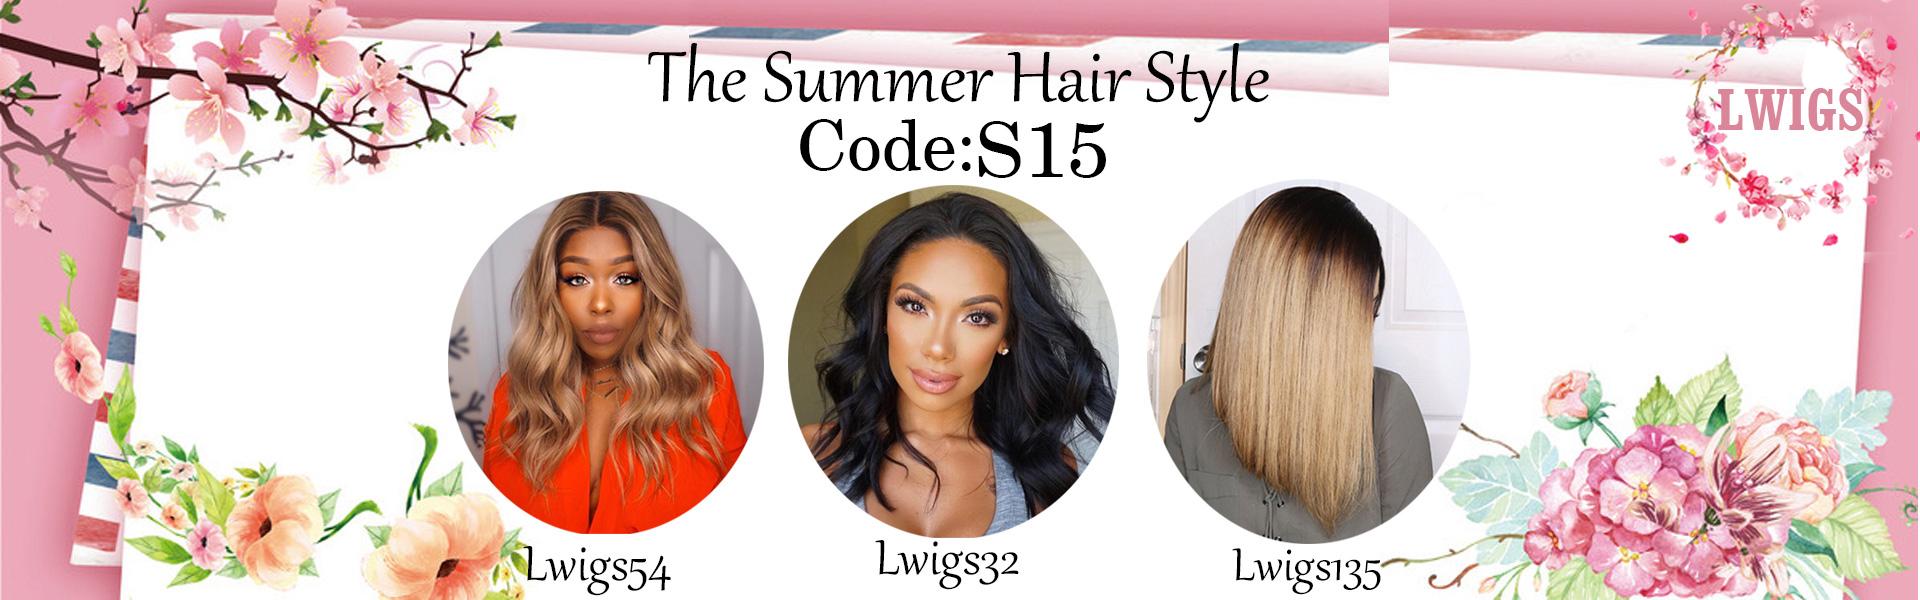 https://www.lwigs.com/brazilian-virgin-hair-wavy-hair-blonde-ombre-color-lace-front-wigs-lwigs54.html